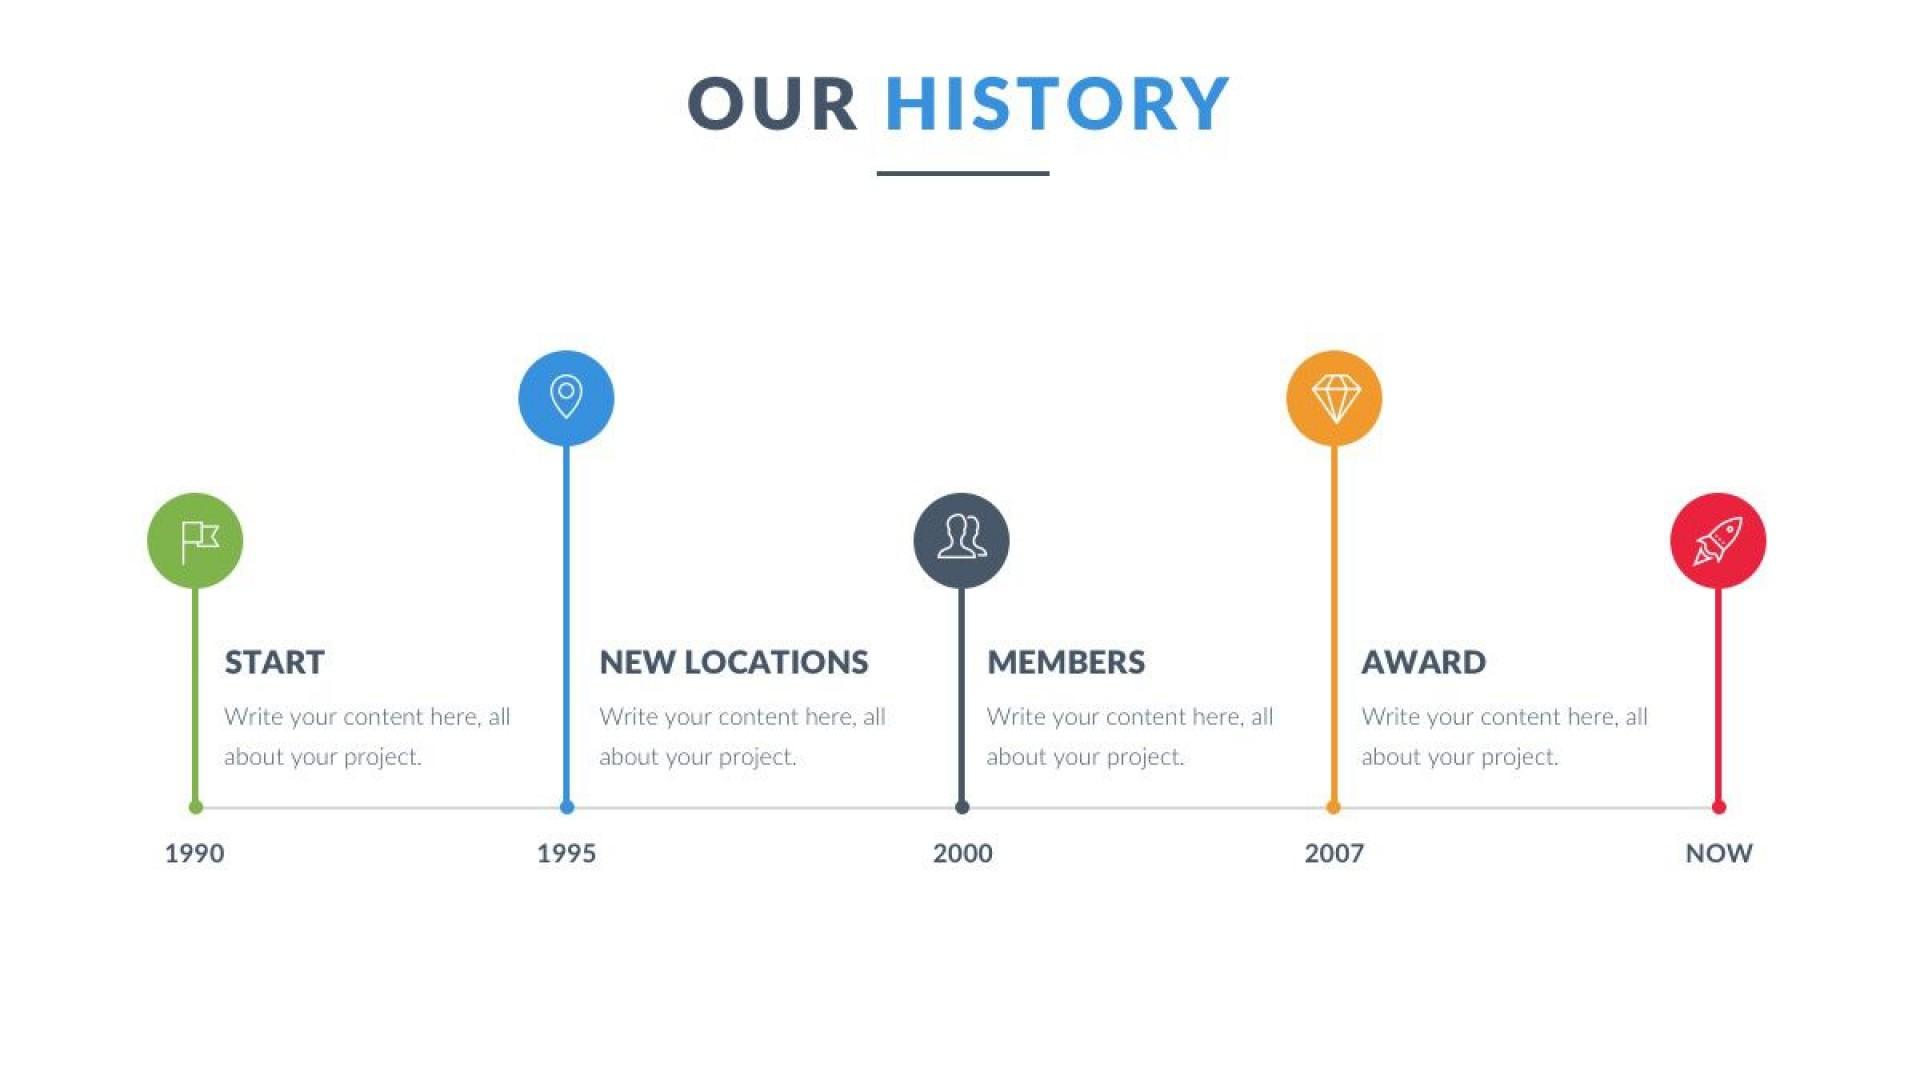 009 Fantastic Google Doc Timeline Template Highest Quality  Historical1920